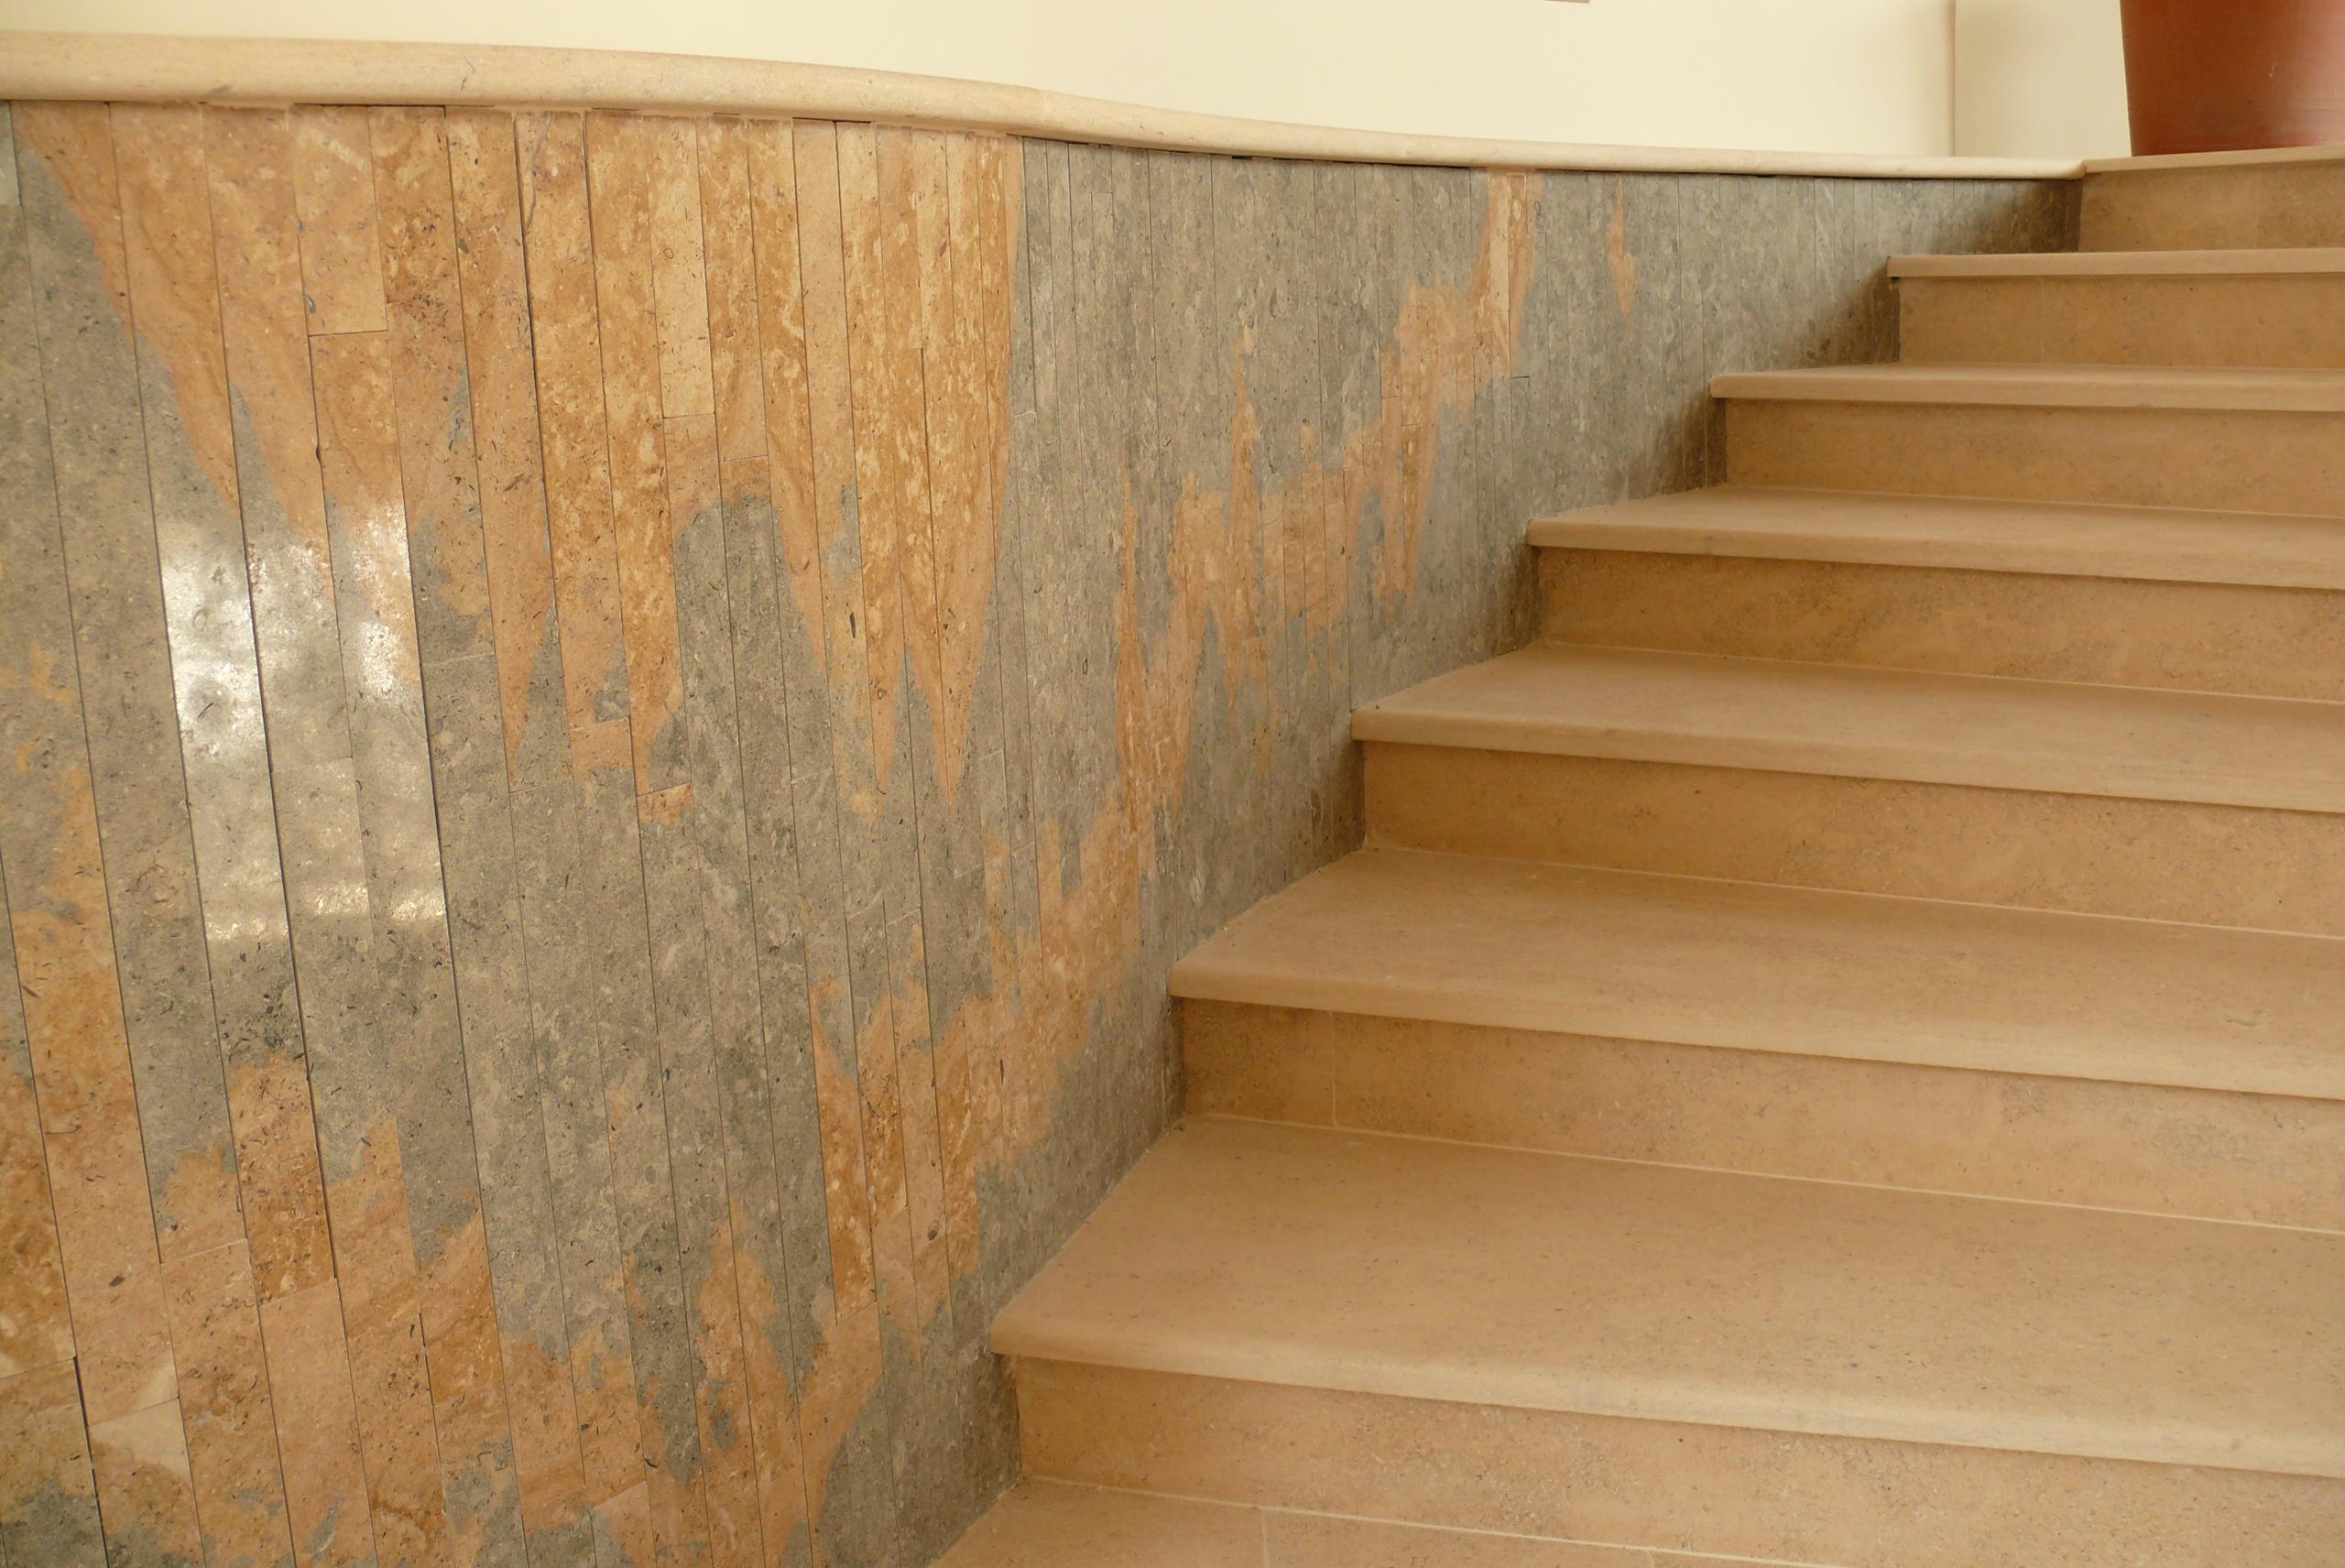 Trepte/Placaje din piatra naturala de Vistea LEVENTE COMPANIE - Poza 24